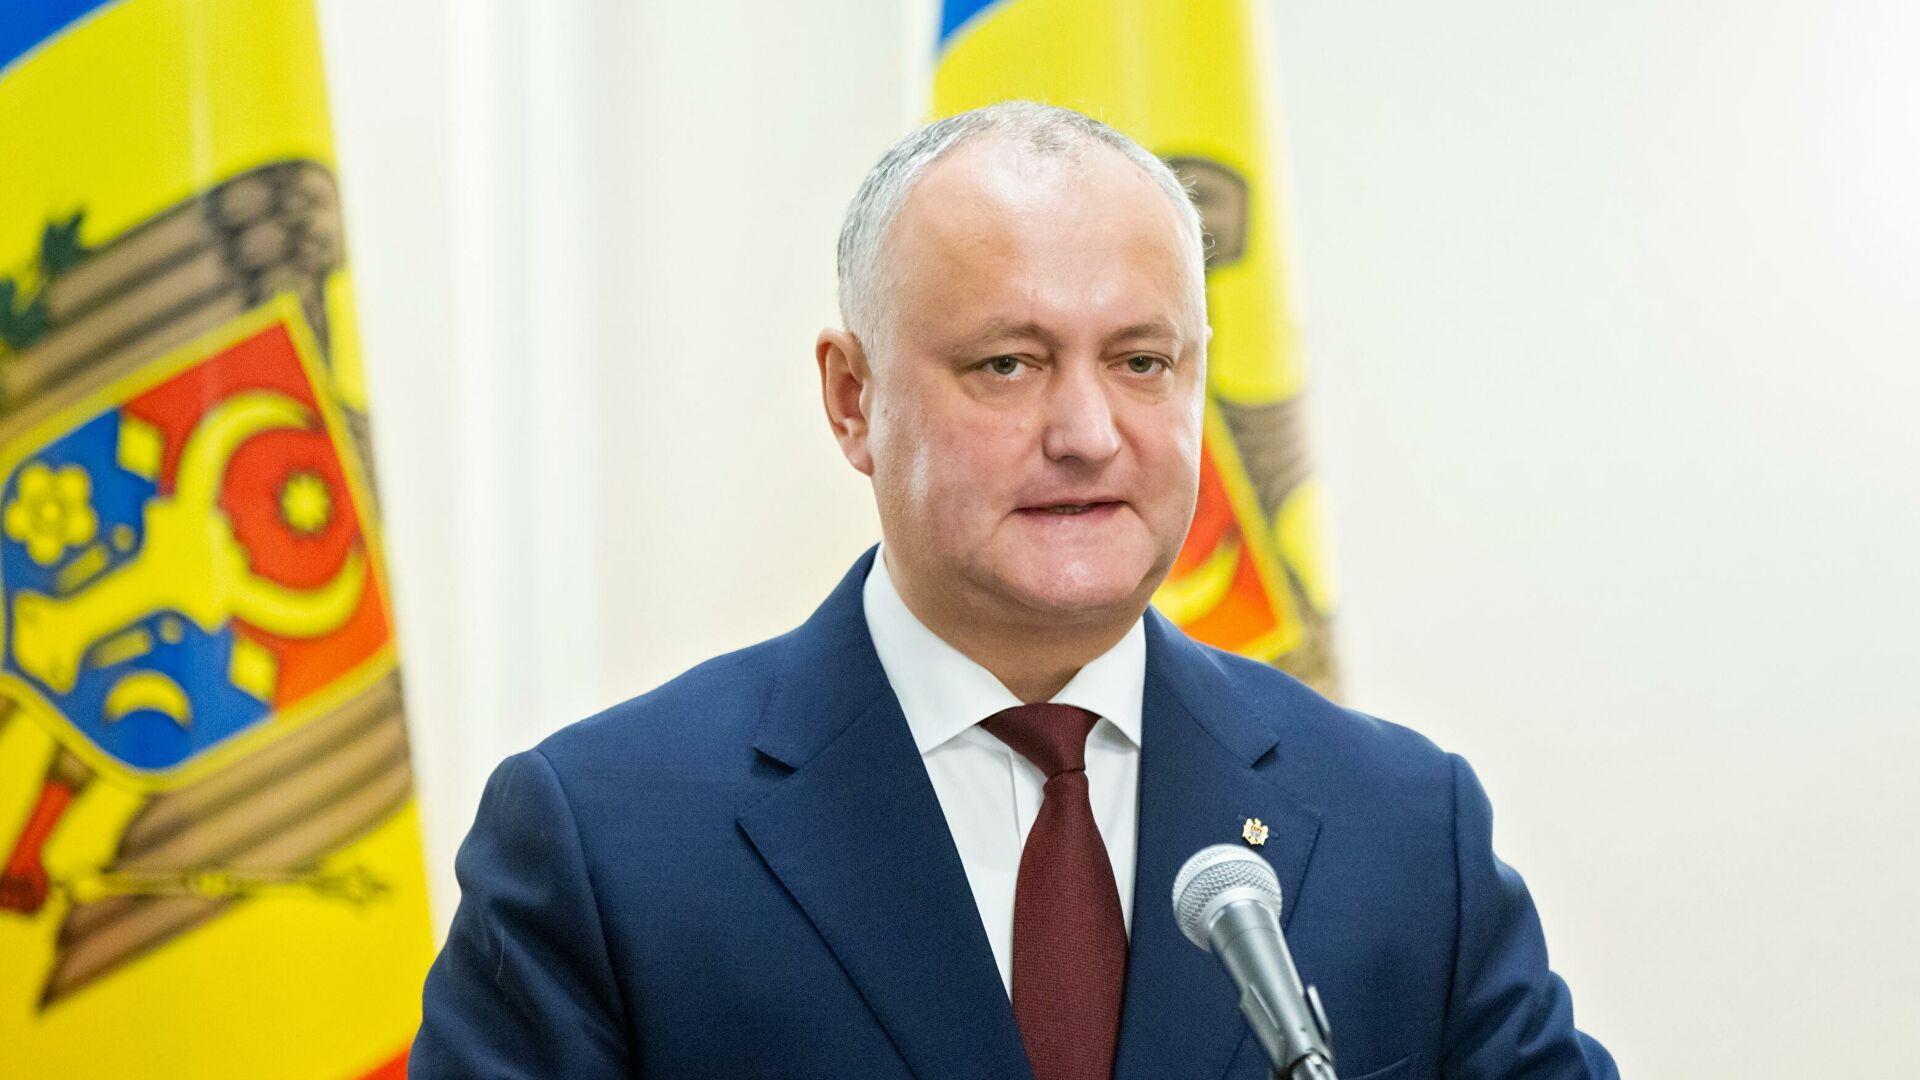 Додон заявил о планах Запада использовать Молдавию против России